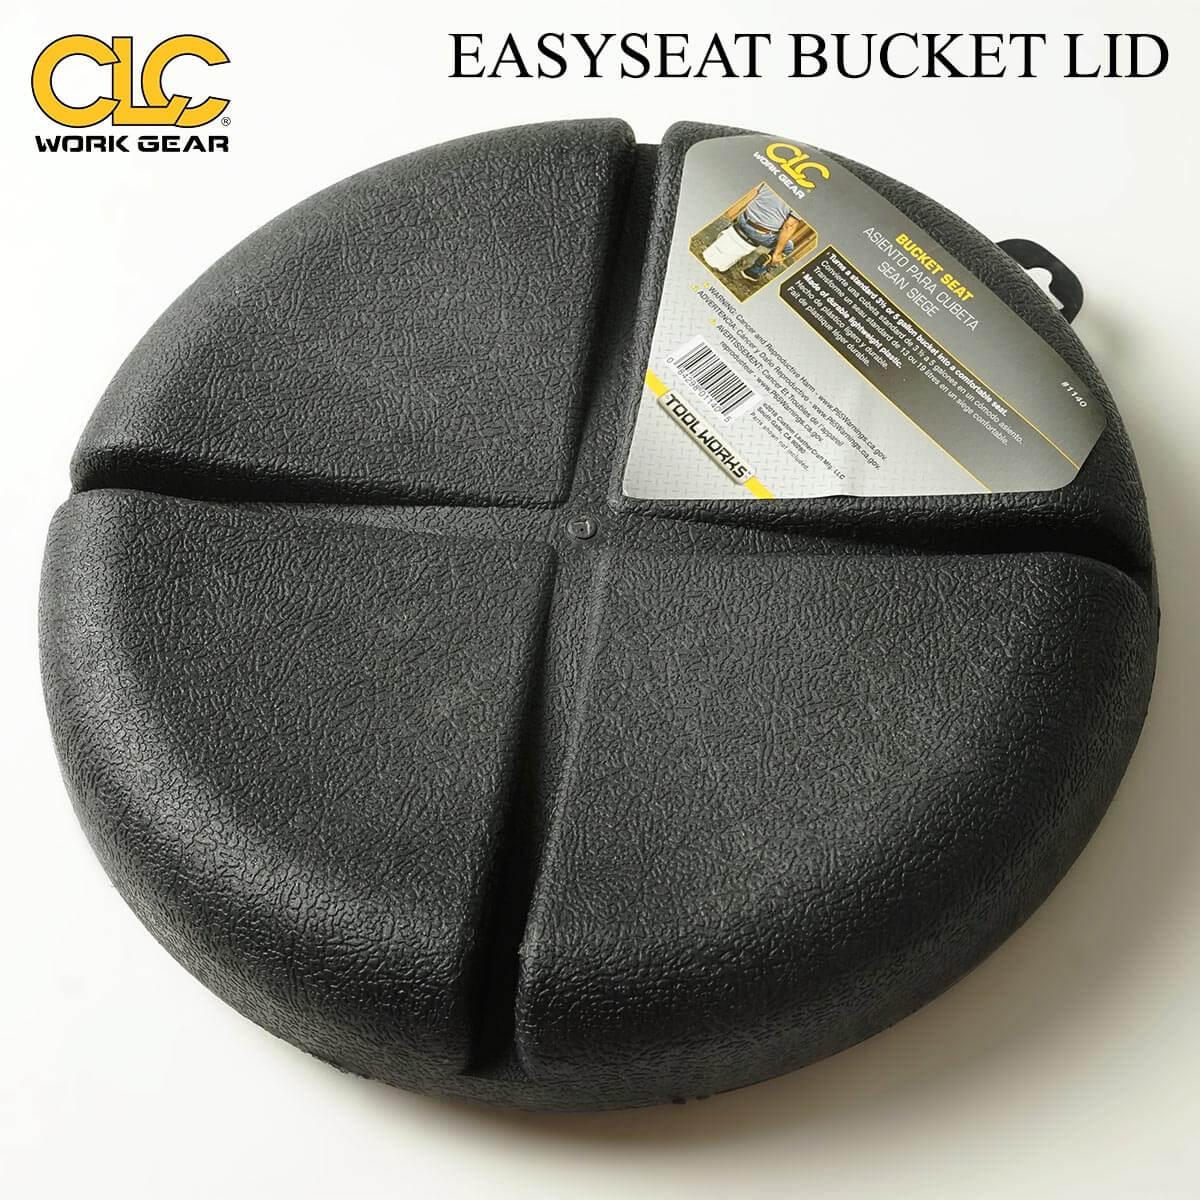 掃除用品, バケツ CLC CLC WORK GEAR (5